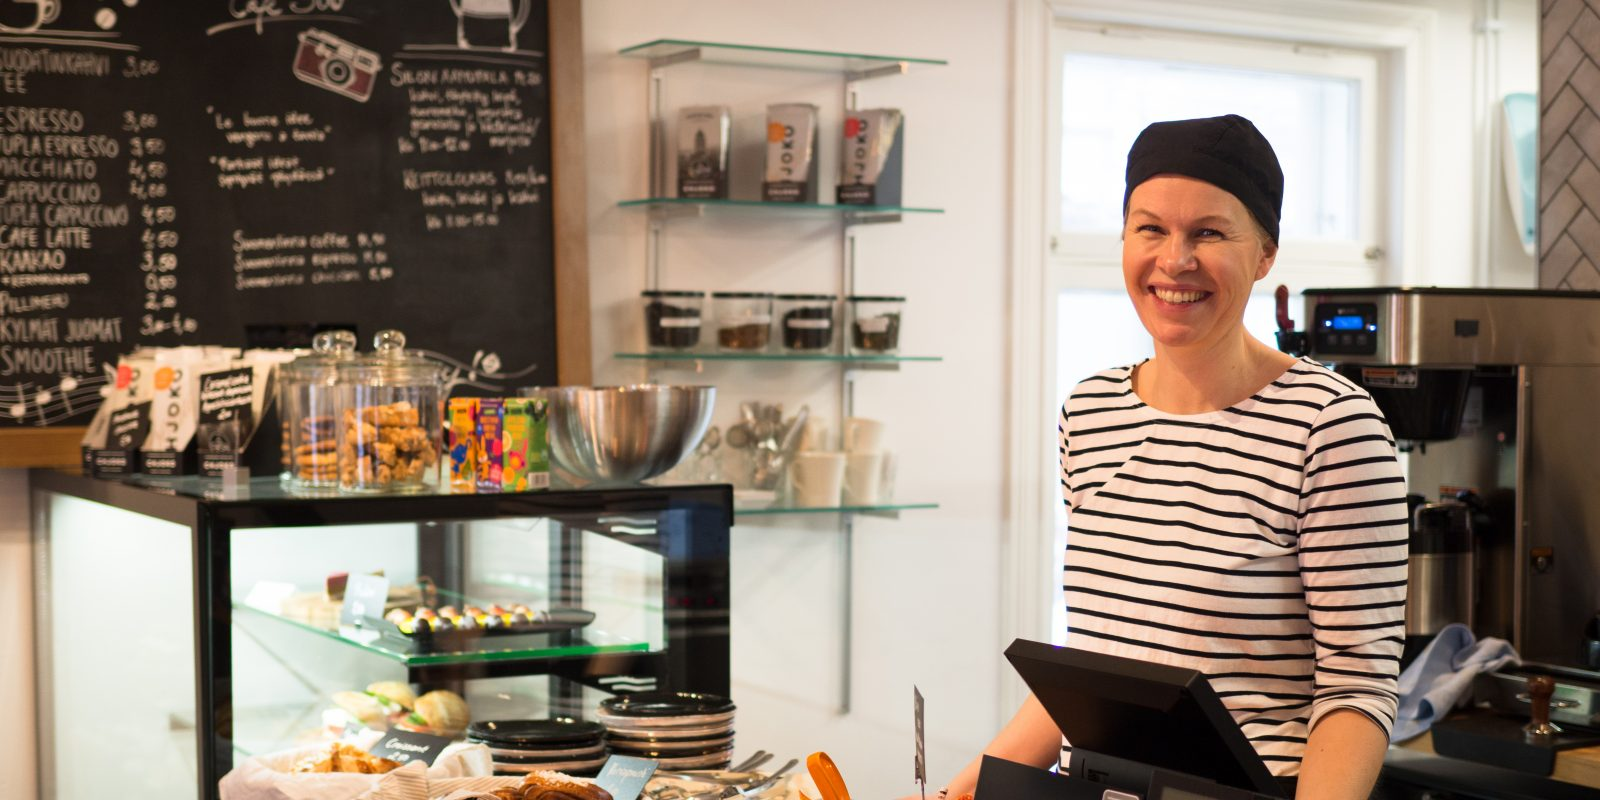 Cafe Silon henkilökuntaa joka hymyilee kameralle tiskin takana.